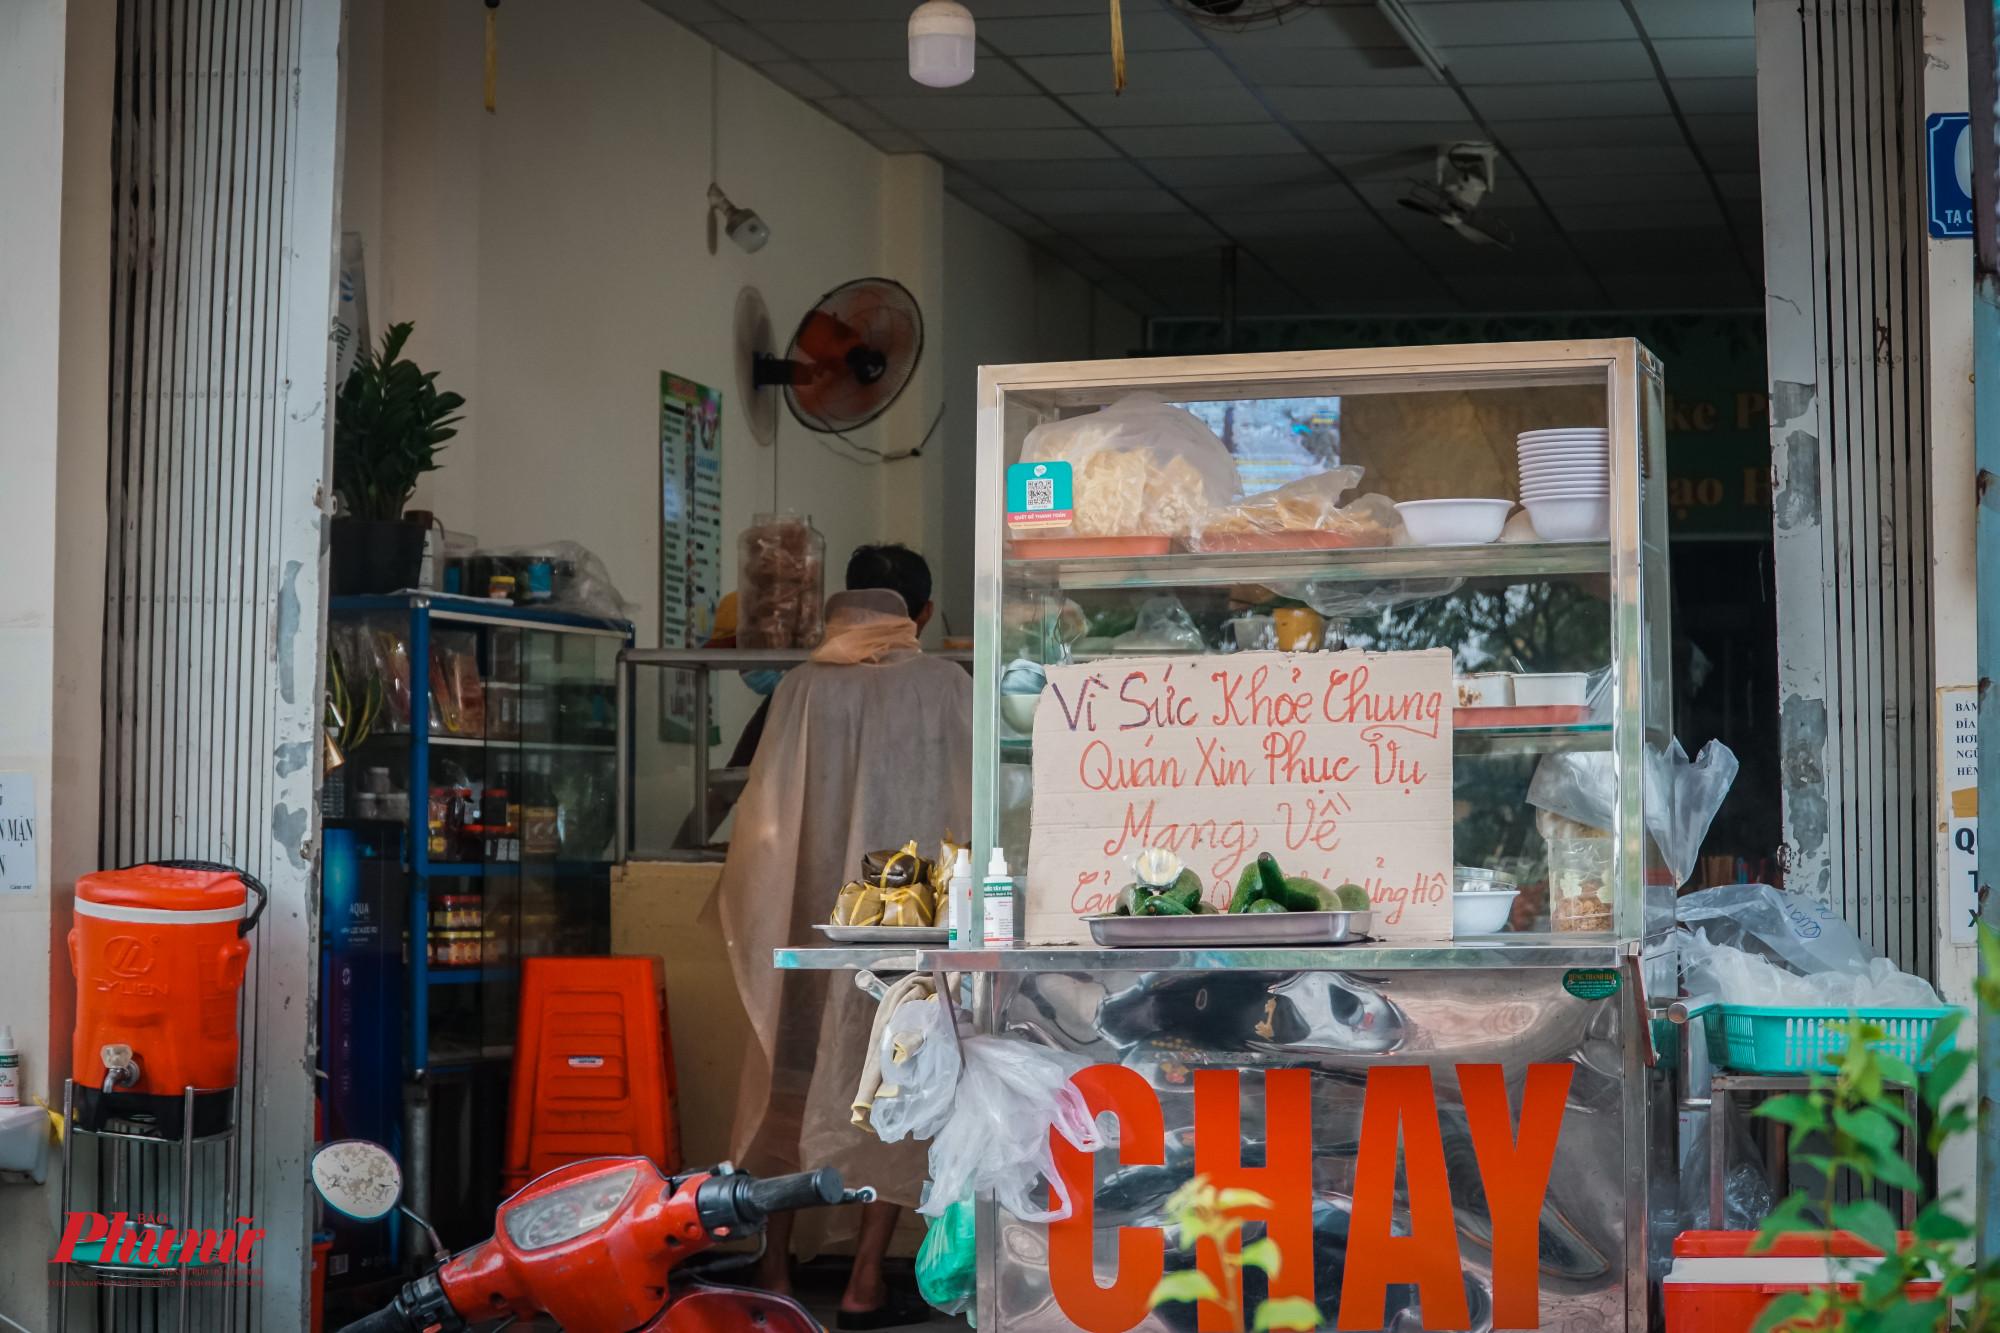 'Vì sức khỏe chung, quán xin phục vụ mang về... là phương châm kinh doanh của rất nhiều hàng quán hiện nay tại TPHCM